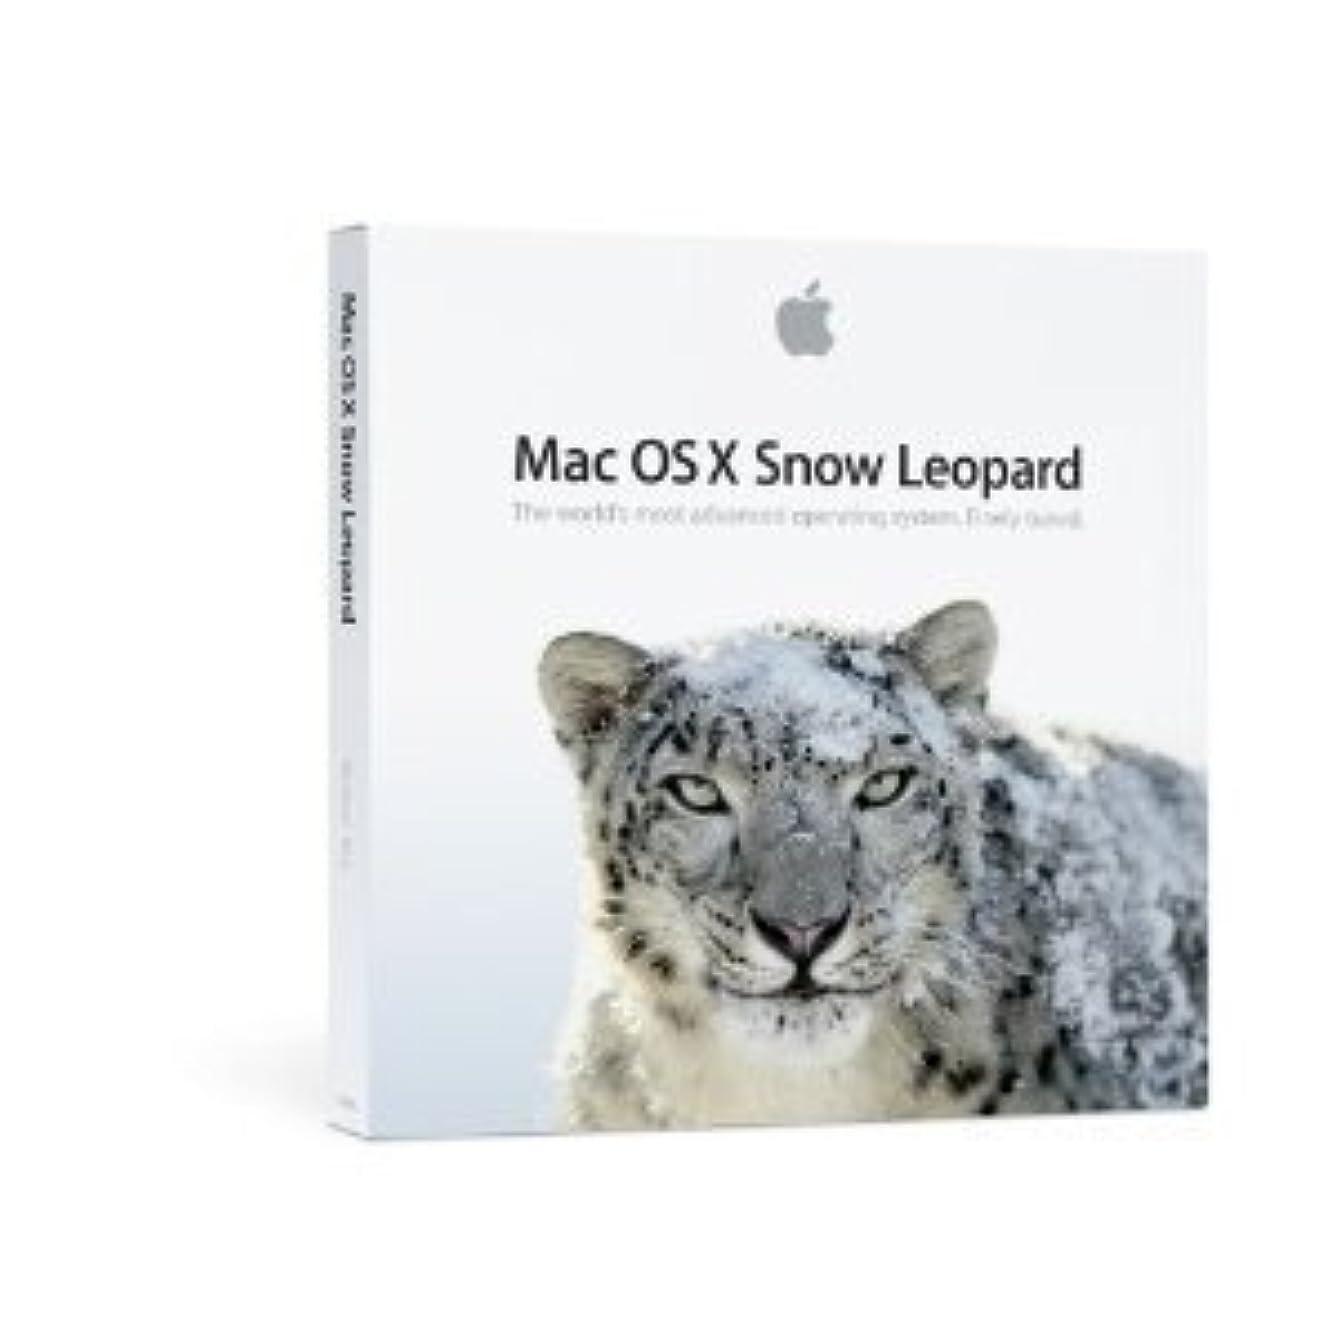 補うオートマトンお祝い日本語 Mac OS X 10.6 Snow Leopard (Leopardユーザ向けアップグレード)